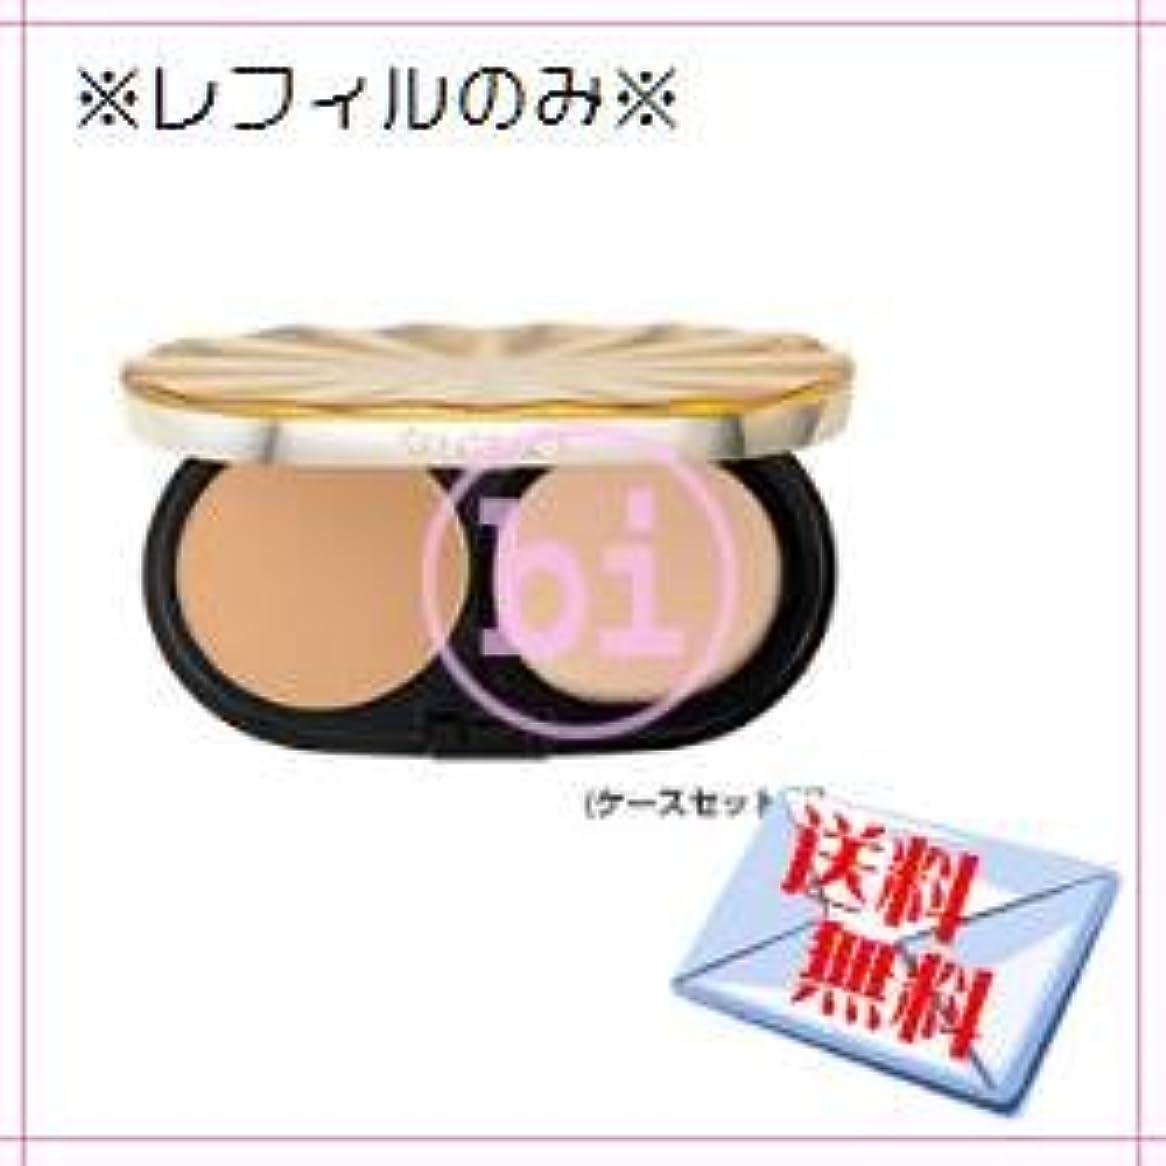 スクリュー穴例ナリス セルグレース パウダーファンデーション(レフィル)<ケース別売><カラー:530>